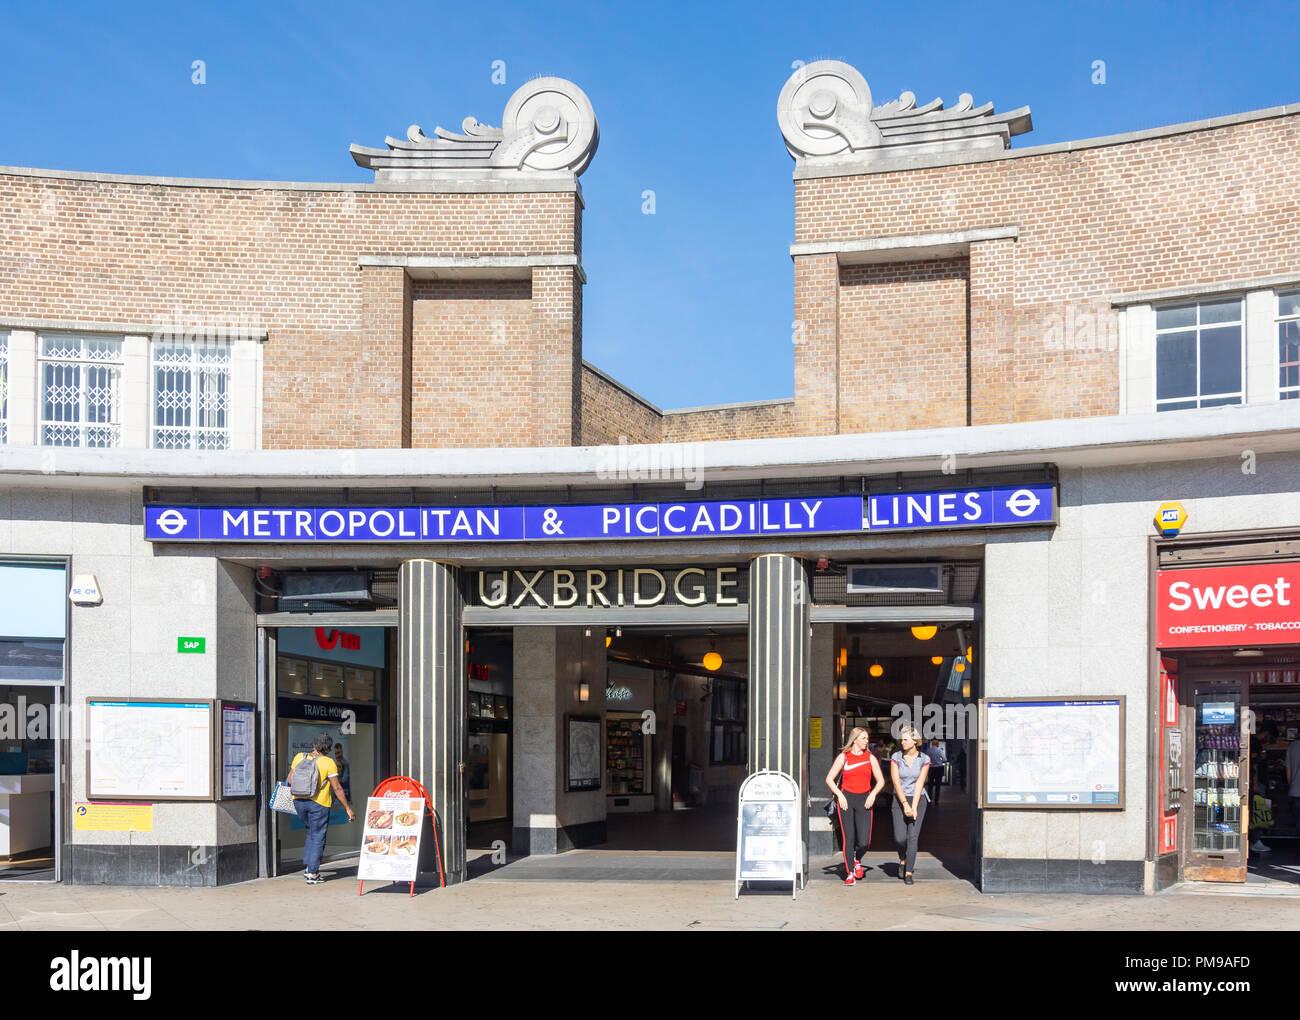 Uxbridge Underground Station, High Street, Uxbridge, London Borough of Hillington, Greater London, England, United Kingdom - Stock Image